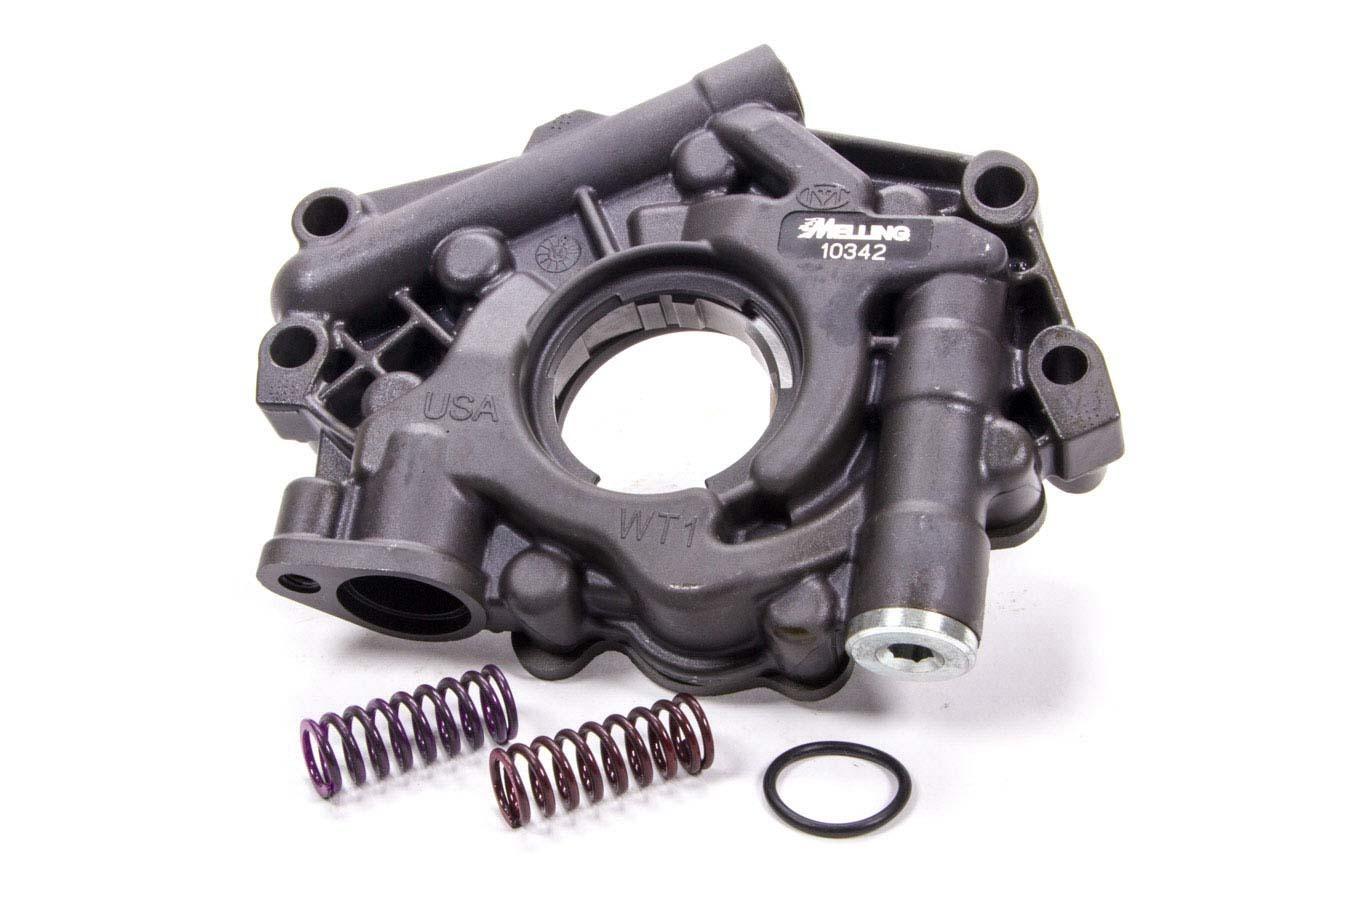 Oil Pump - Chrysler 5.7/6.1L Hemi